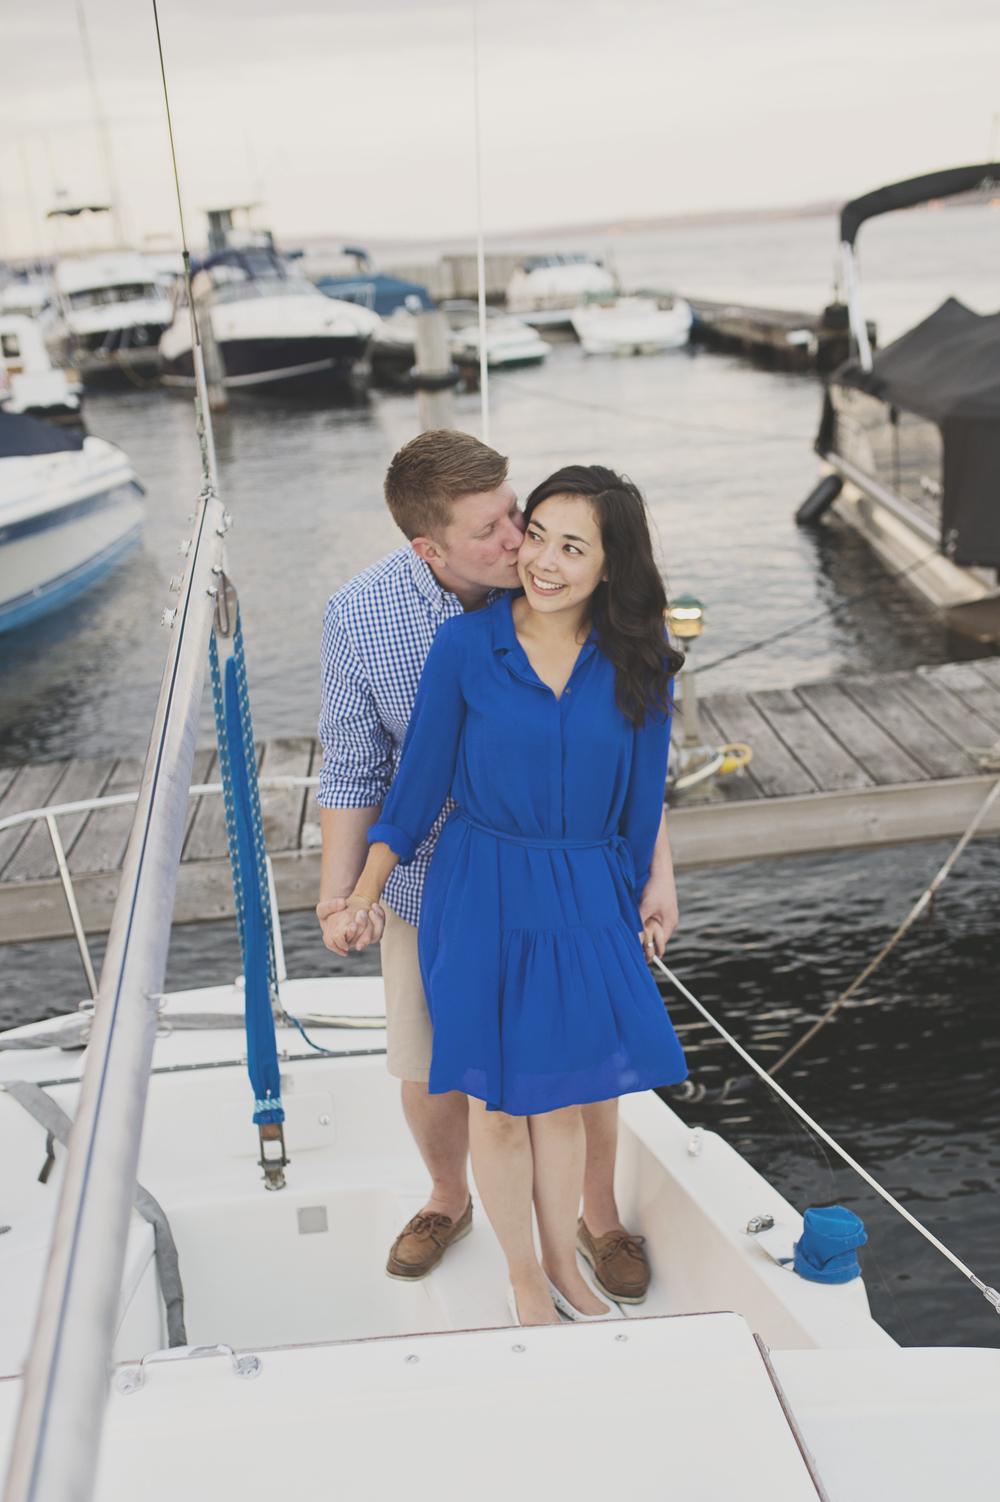 Marina Engagement_Seattle Engagement Photographer_Kelsey Lane Photography_14